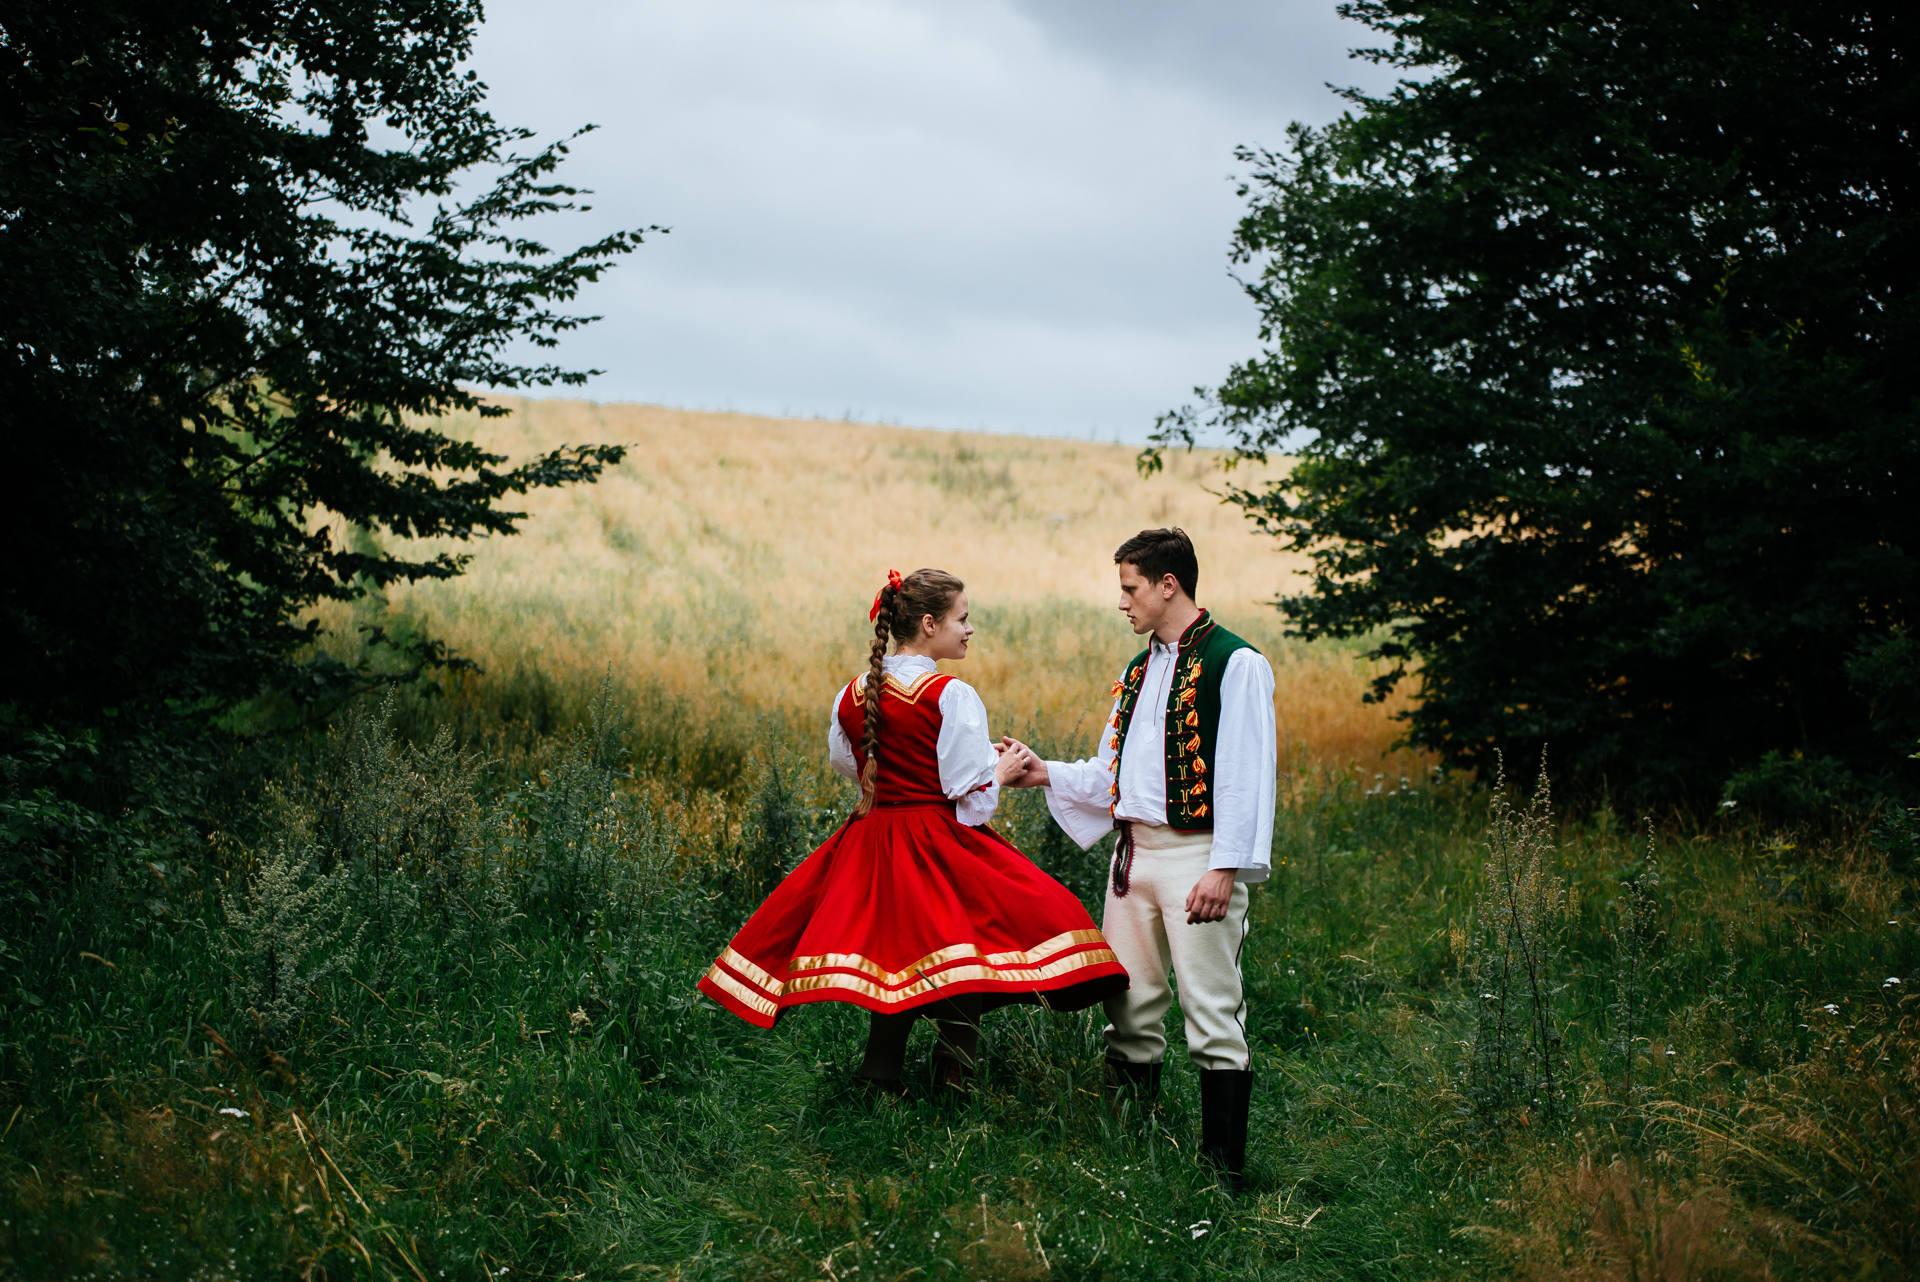 Rustykalna sesja ślubna, z użyciem strojów ludowych, zrealizowana w skansenie na Kaszubach, w otoczeniu lasów, łąk i pól. Fot. Rafał i Magda Nitychoruk